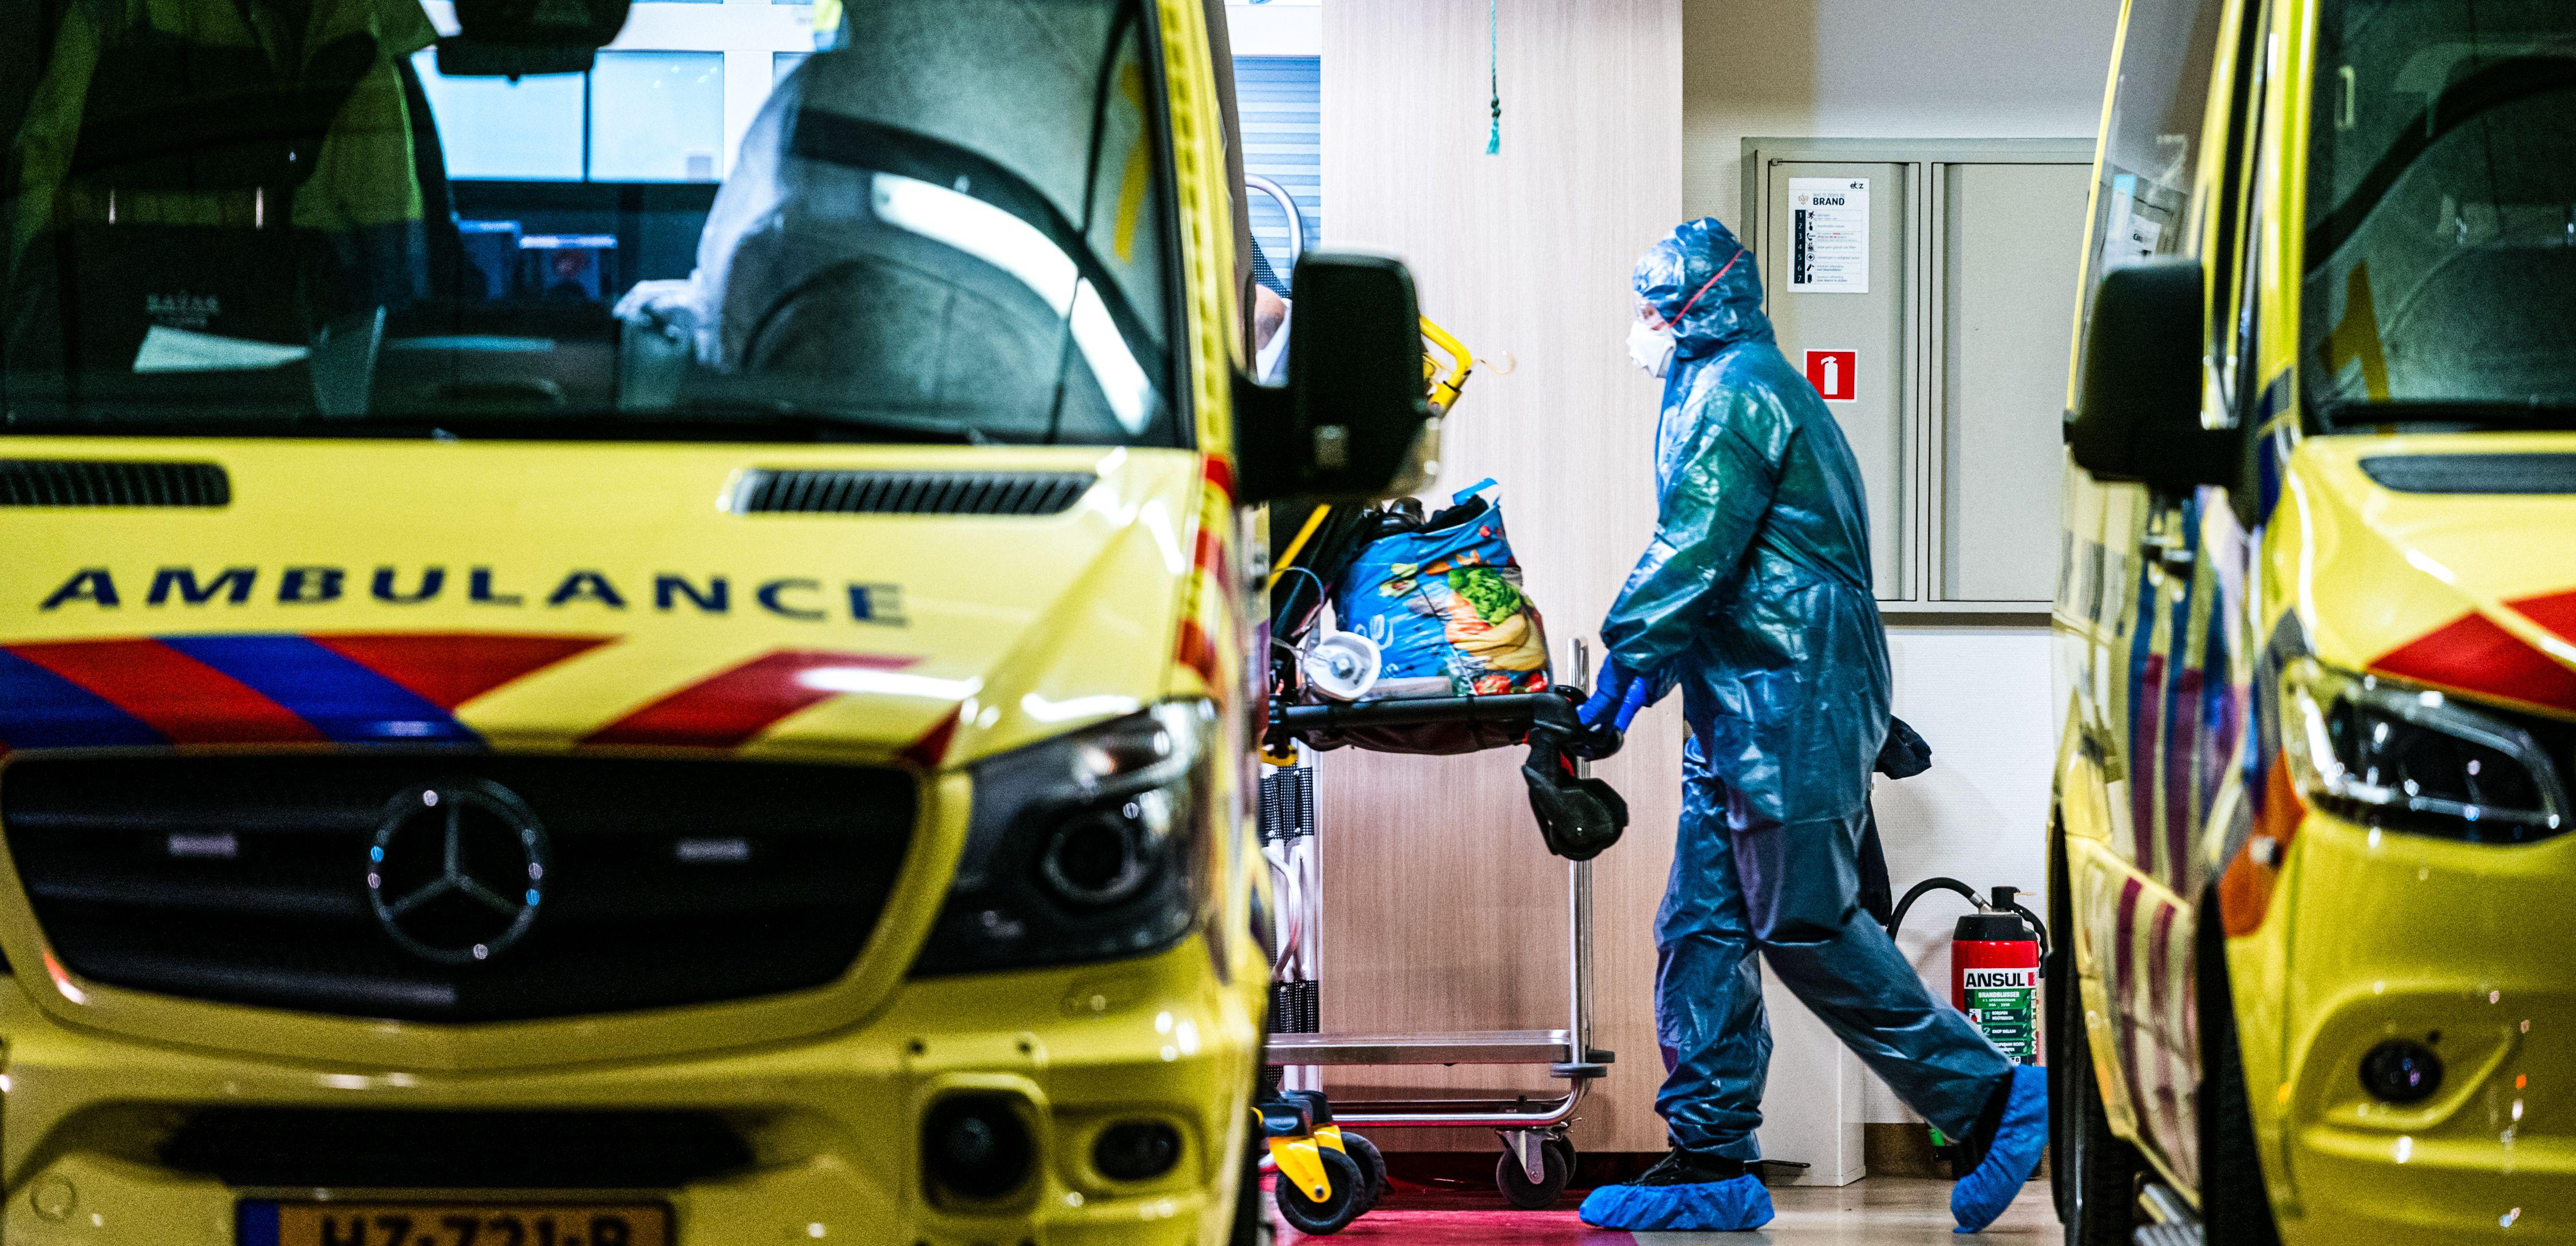 Hollandiában olyan meredeken nő a koronavírus áldozatainak a száma, hogy végképp feladhatják a nyájimmunitásnak még a gondolatát is